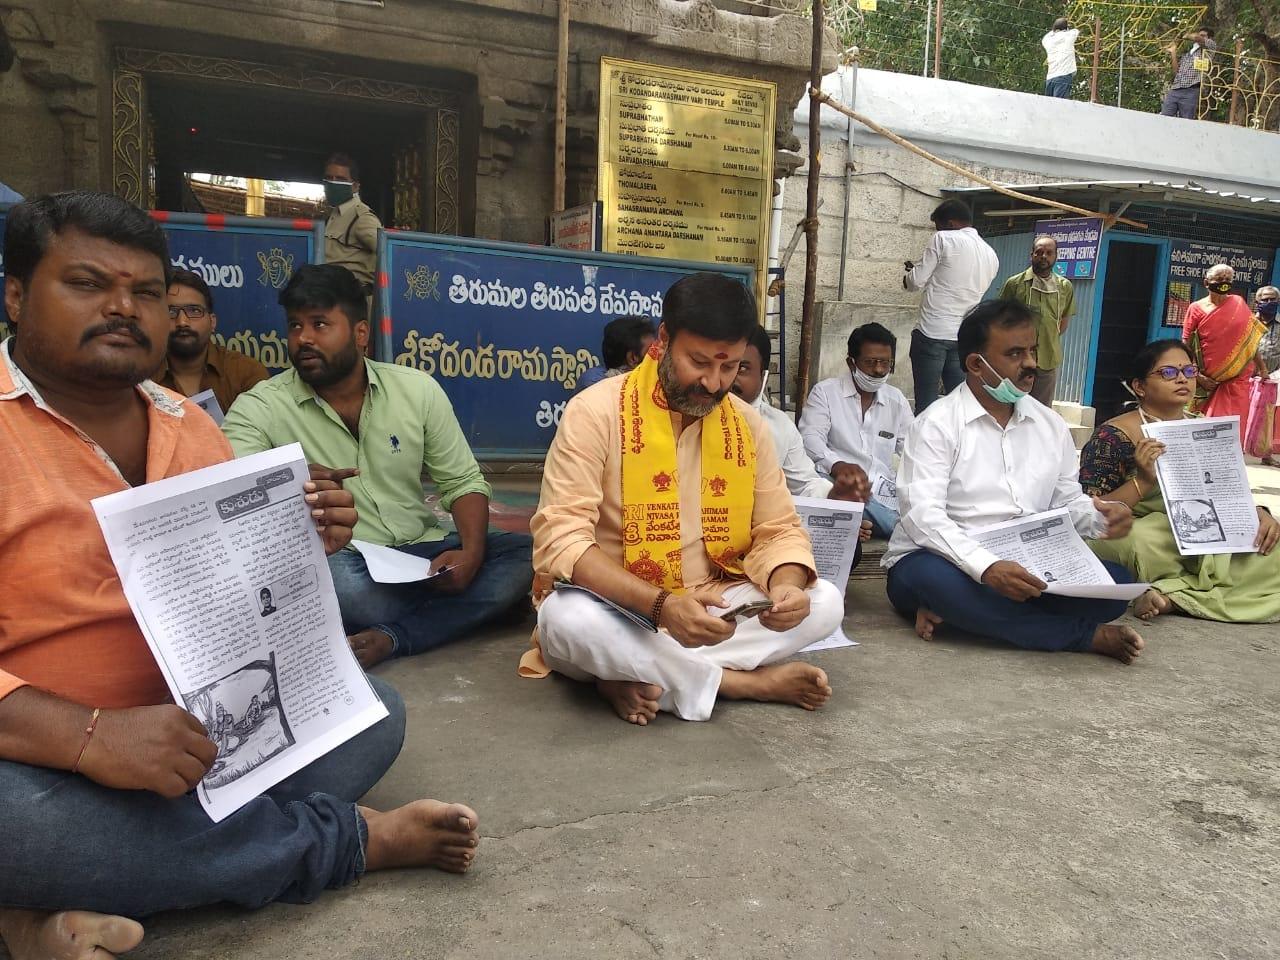 నిరసన తెలుపుతున్న ఆంధ్రప్రదేశ్ BJP-బీజేపీ నాయకులు భానుప్రకాష్ రెడ్డి